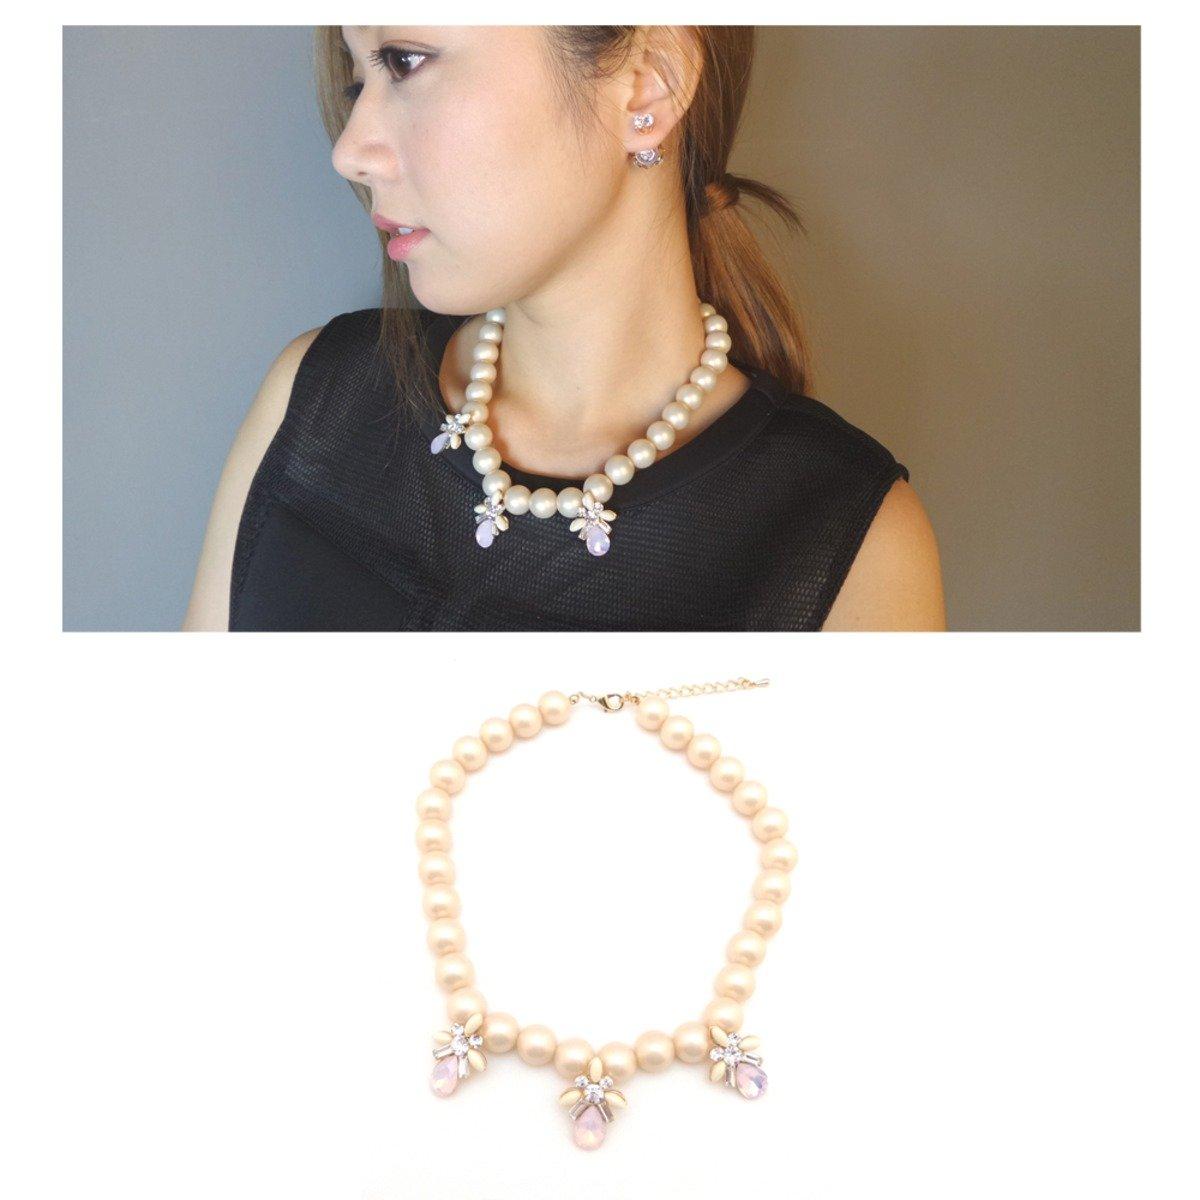 粉色人造珍珠配閃石吊飾頸鍊